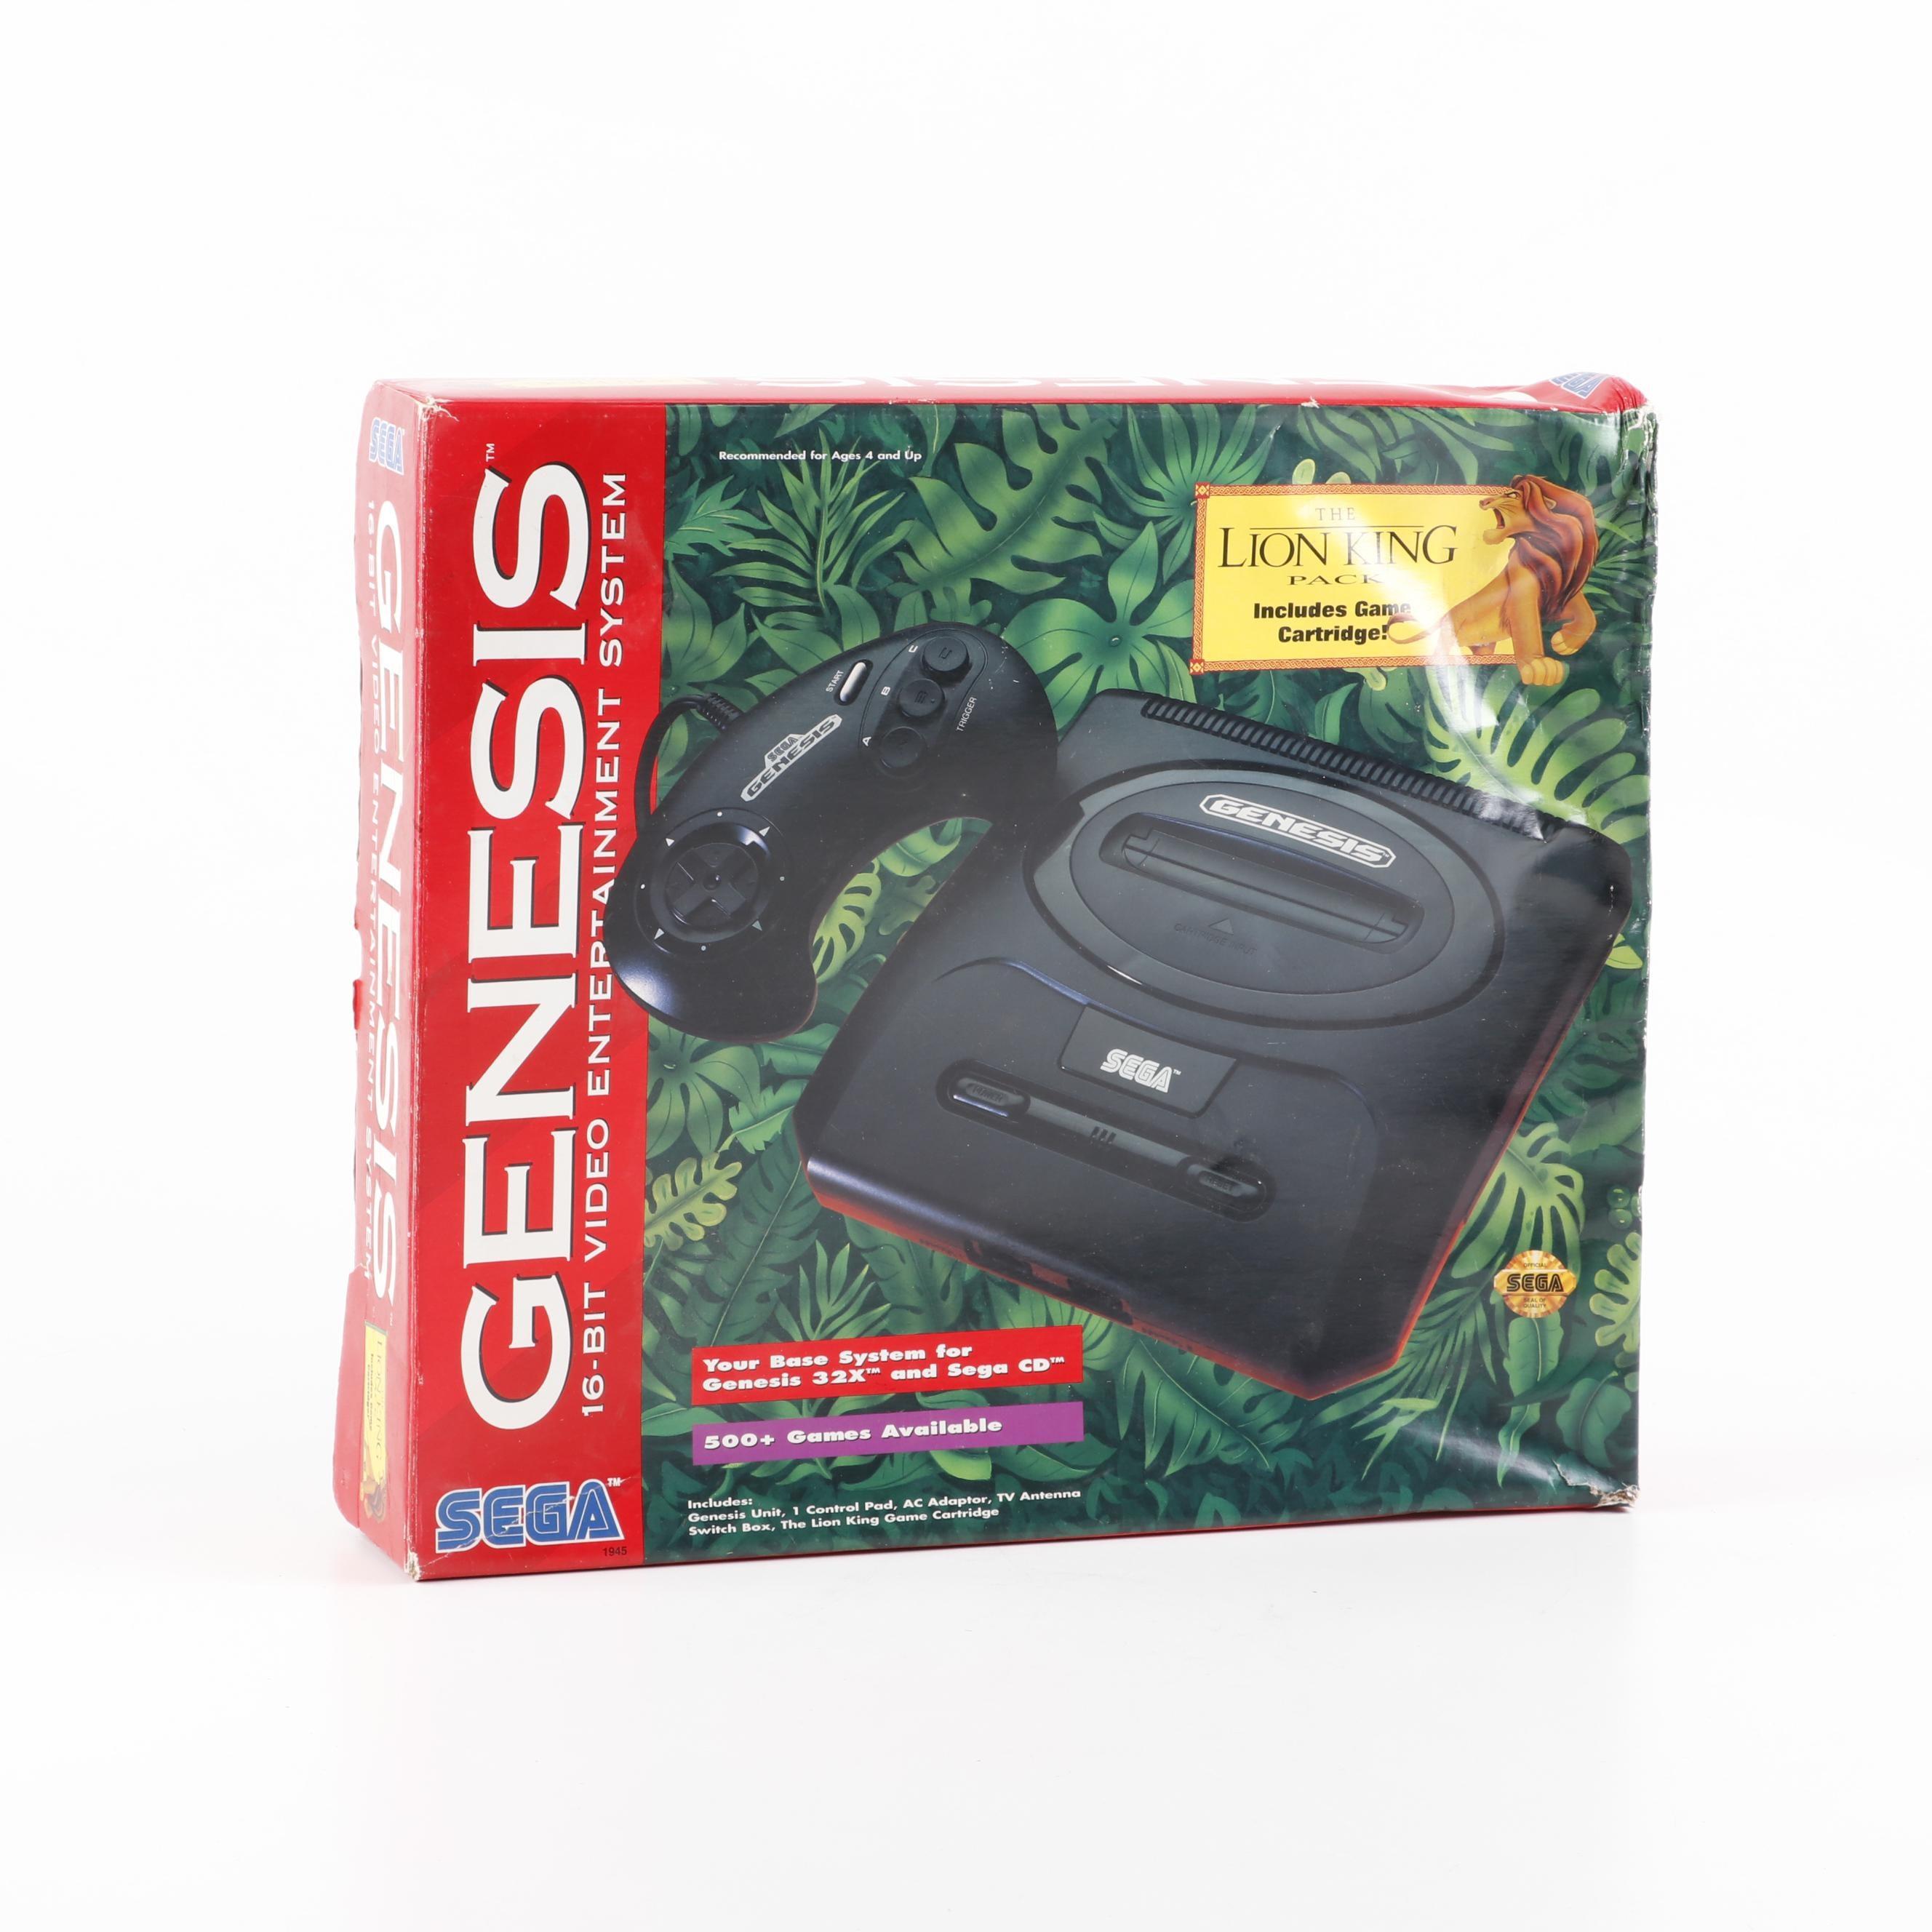 Sega Genesis 16-Bit Video Game with Lion King Pack